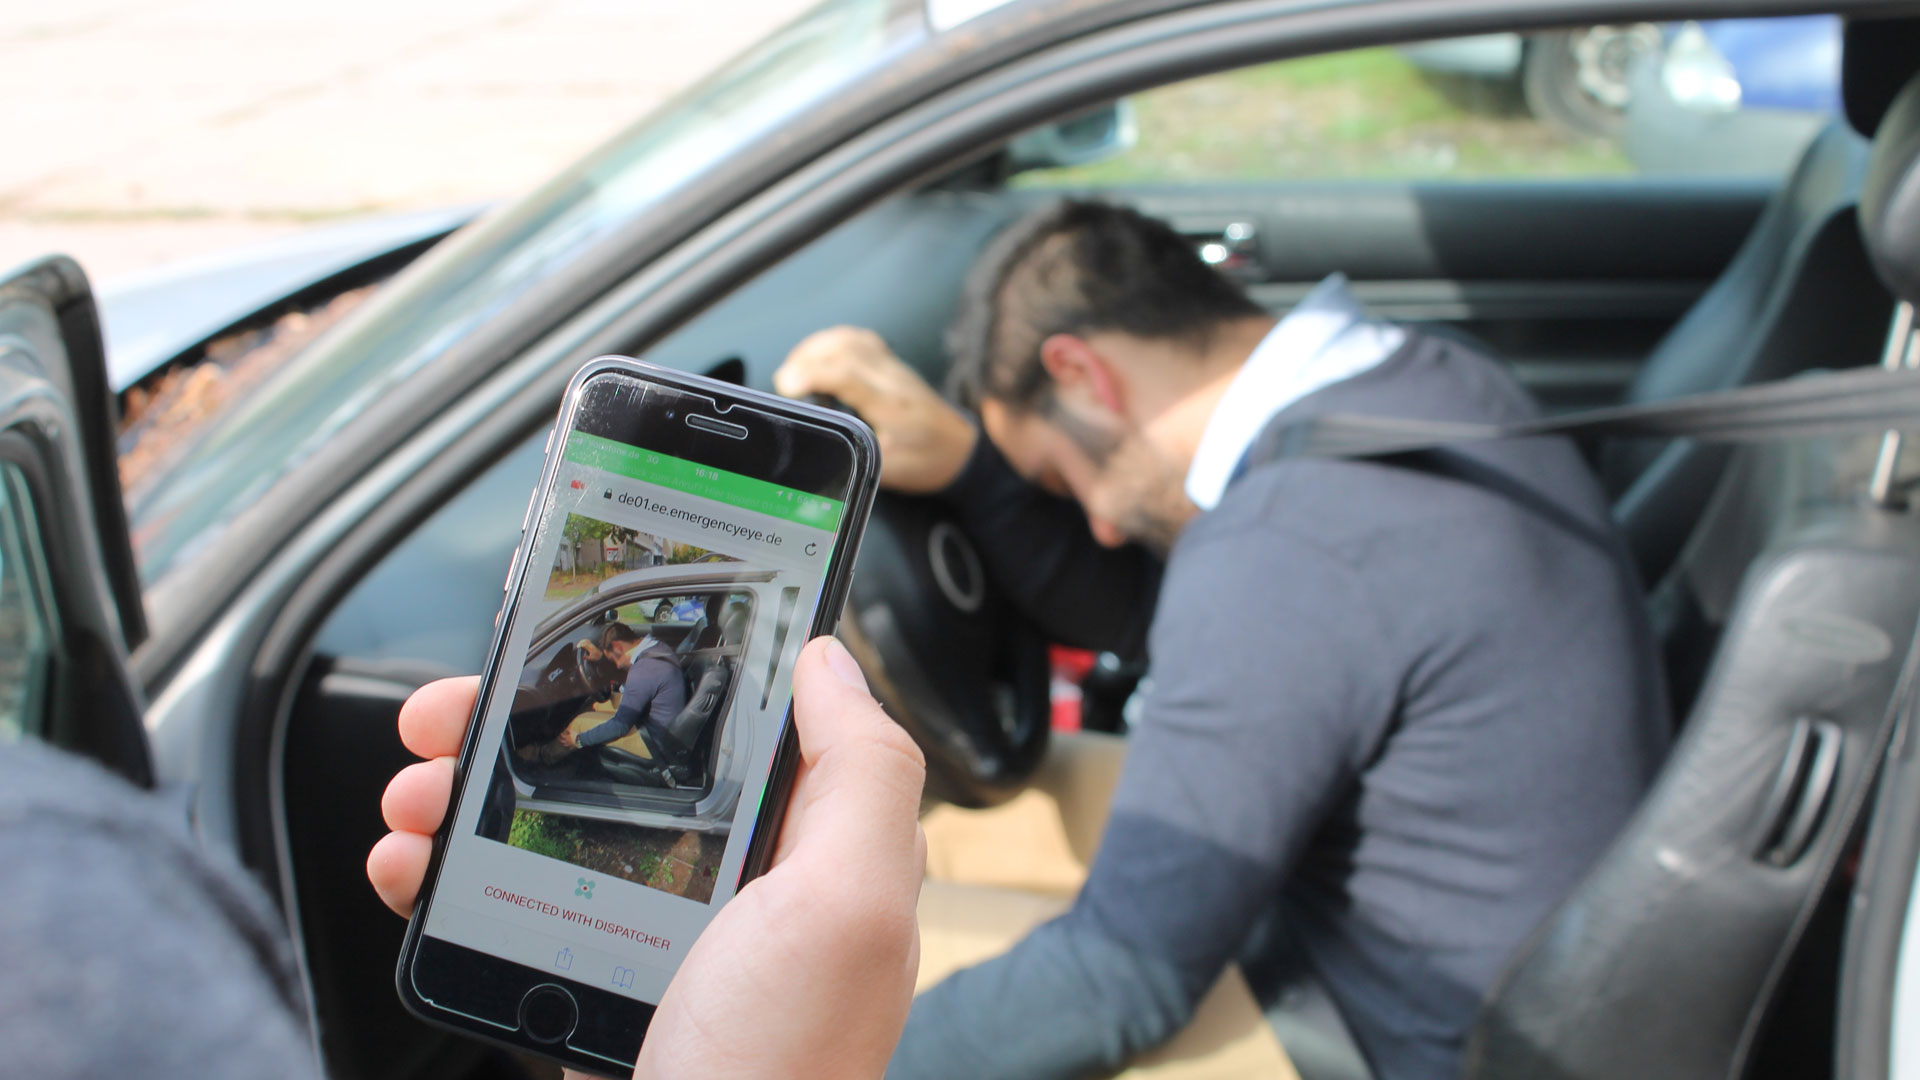 Ein Mann ruft mithilfe der Technologie EmergencyEye über sein Smartphone den Notruf, um einem bewusstlosen Autofahrer zu helfen.